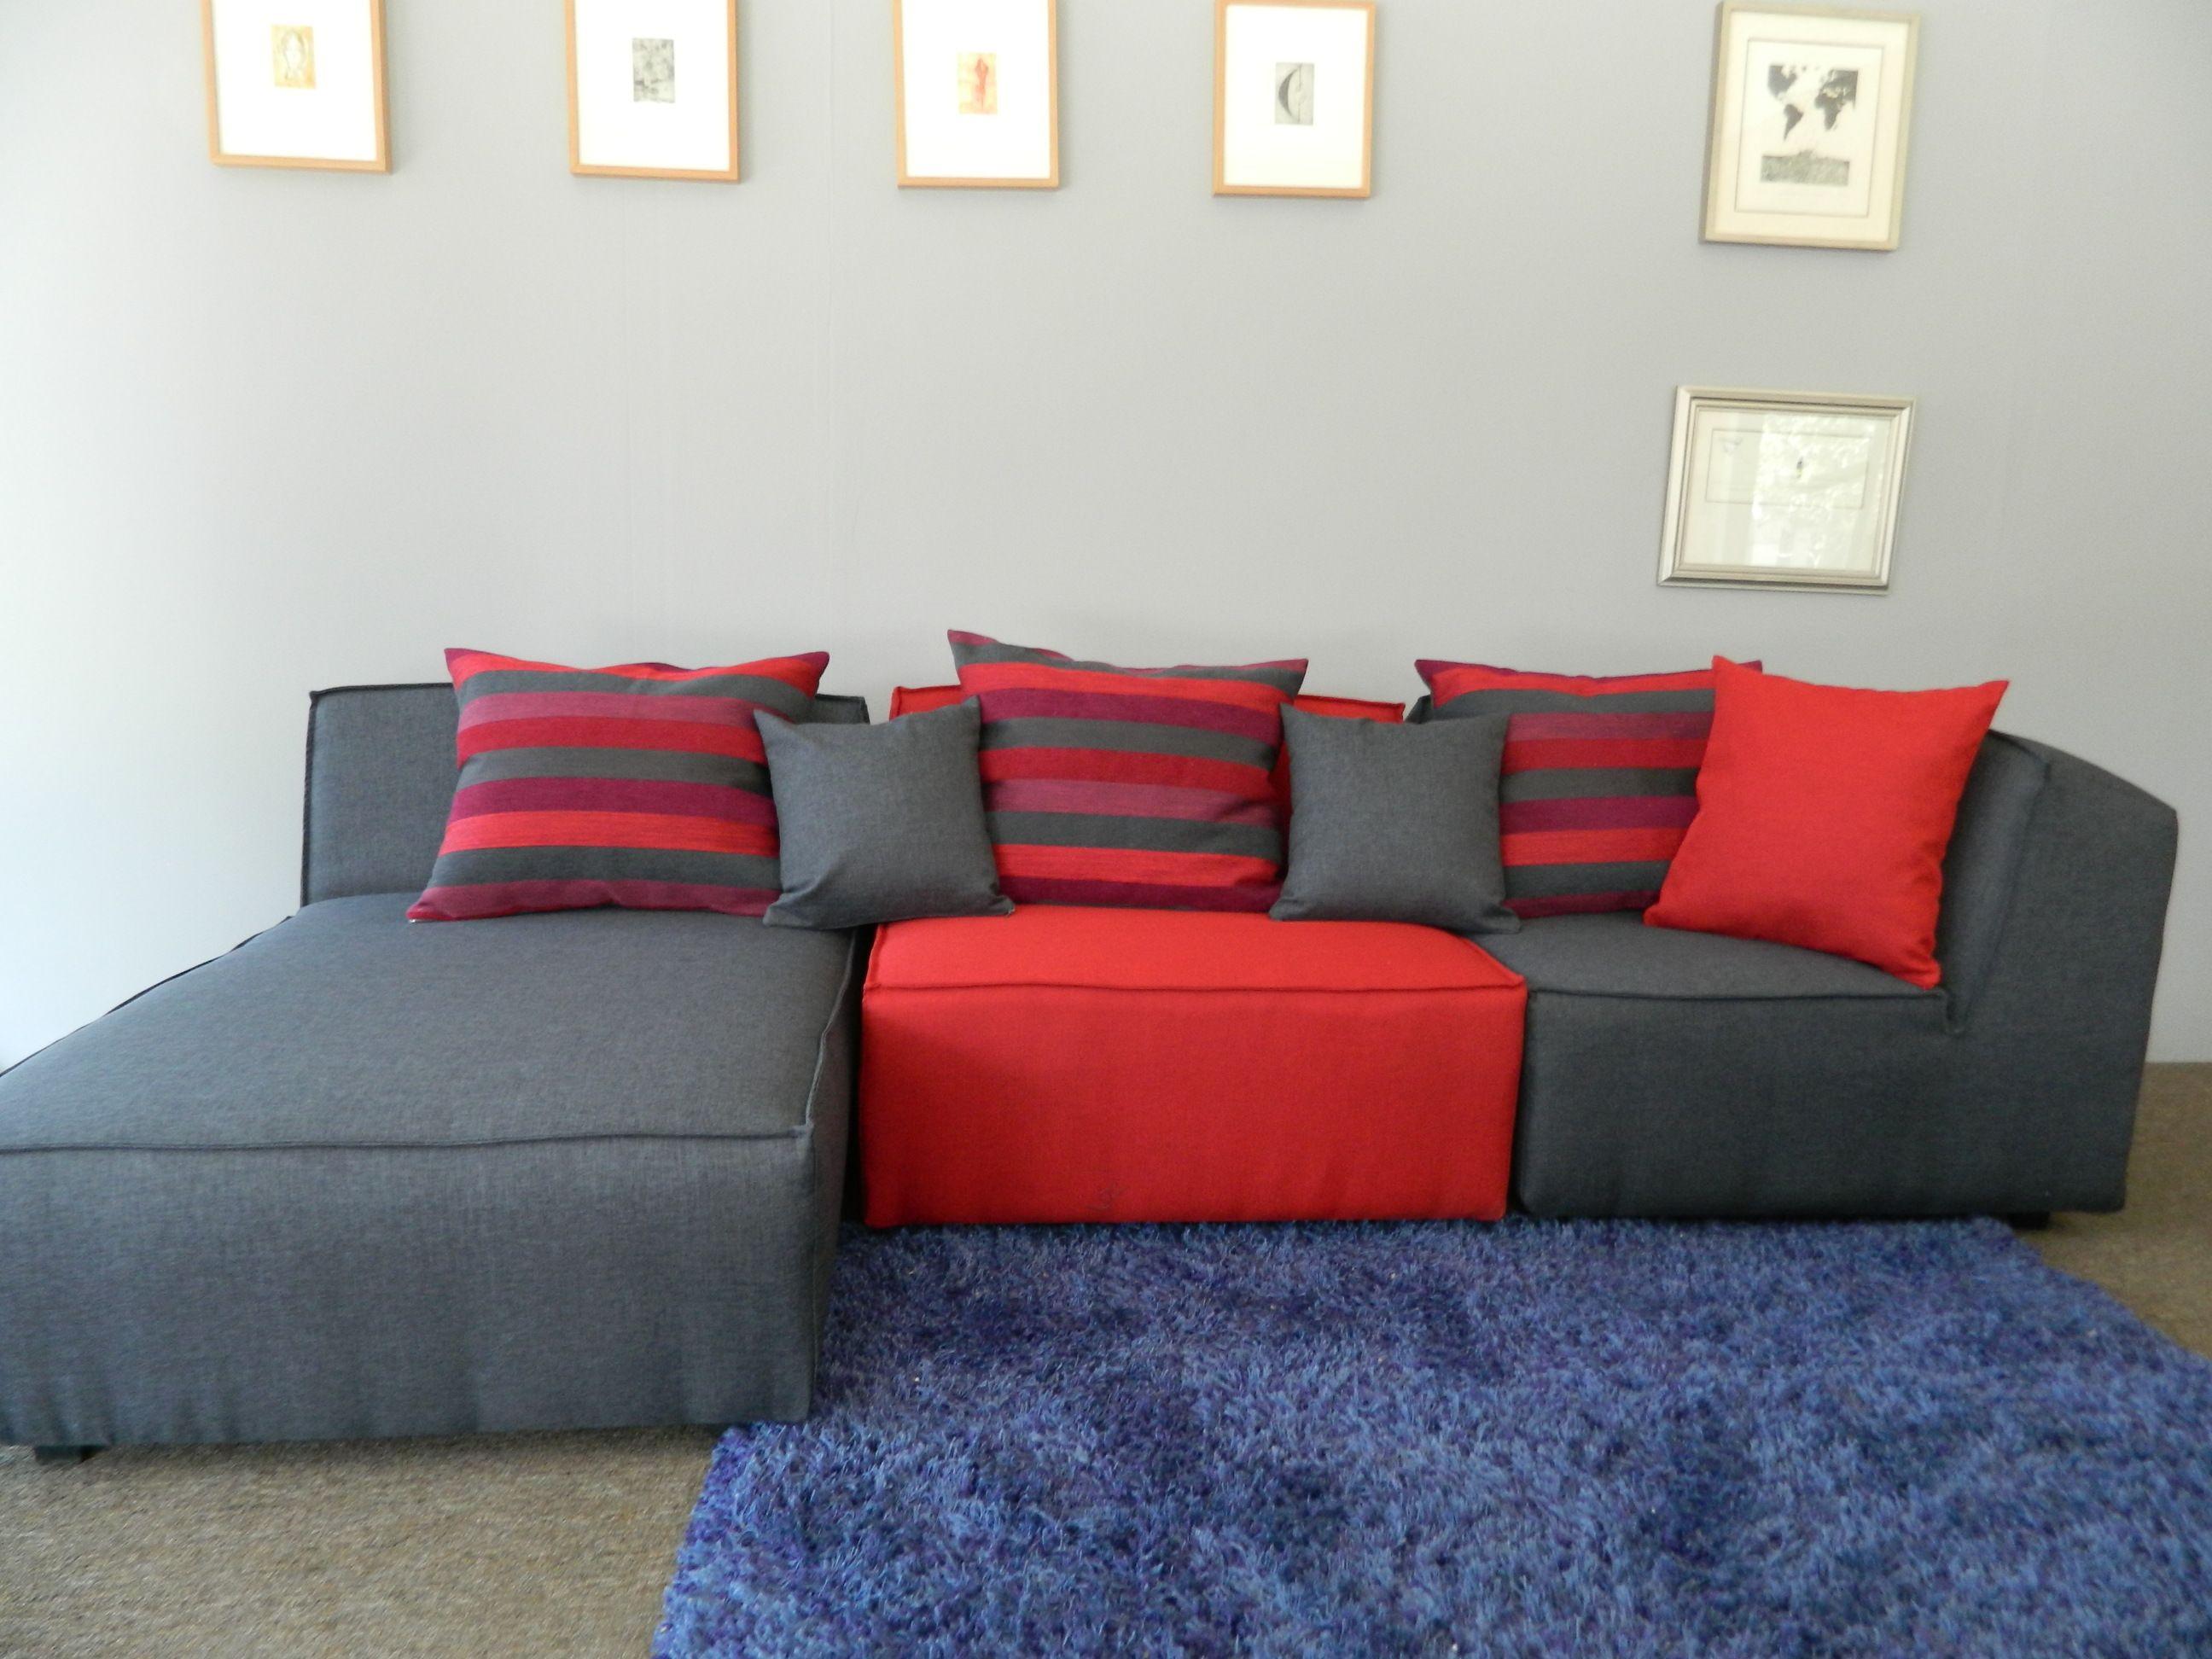 Muebles Bigbag Salas Pinterest Nuevas # Muebles Liverpool Salas